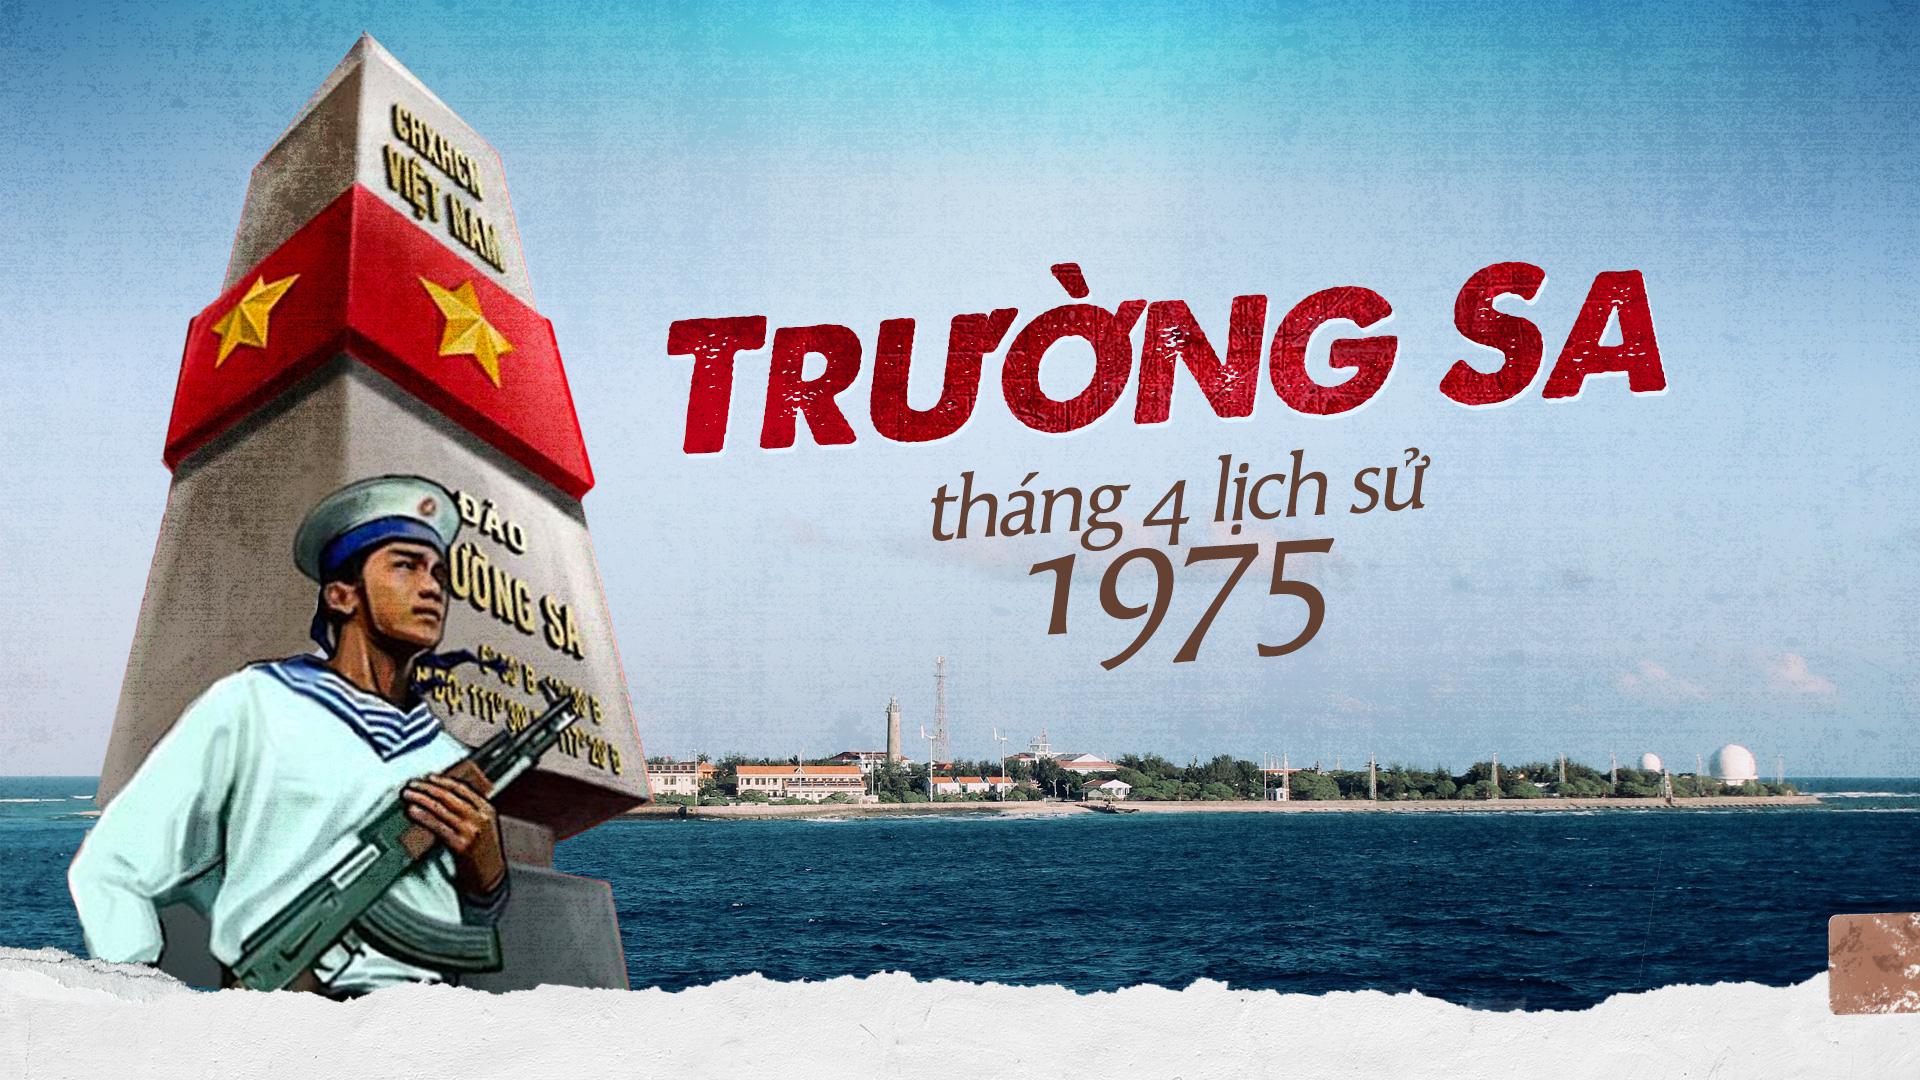 Hồ sơ: TRƯỜNG SA - THÁNG 4 LỊCH SỬ 1975